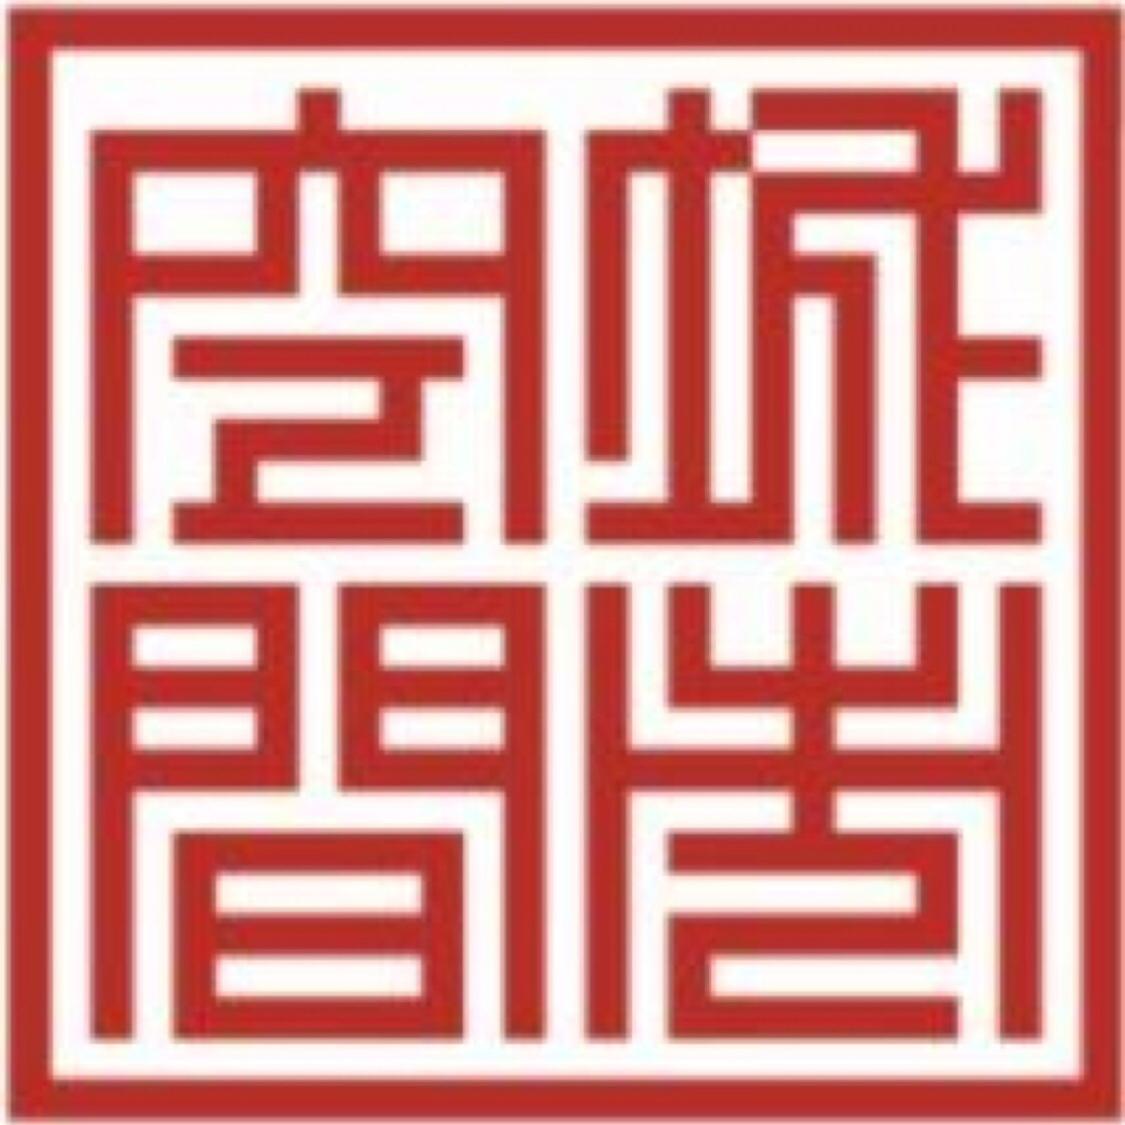 深圳市城市空间规划建筑设计有限公司重庆分公司